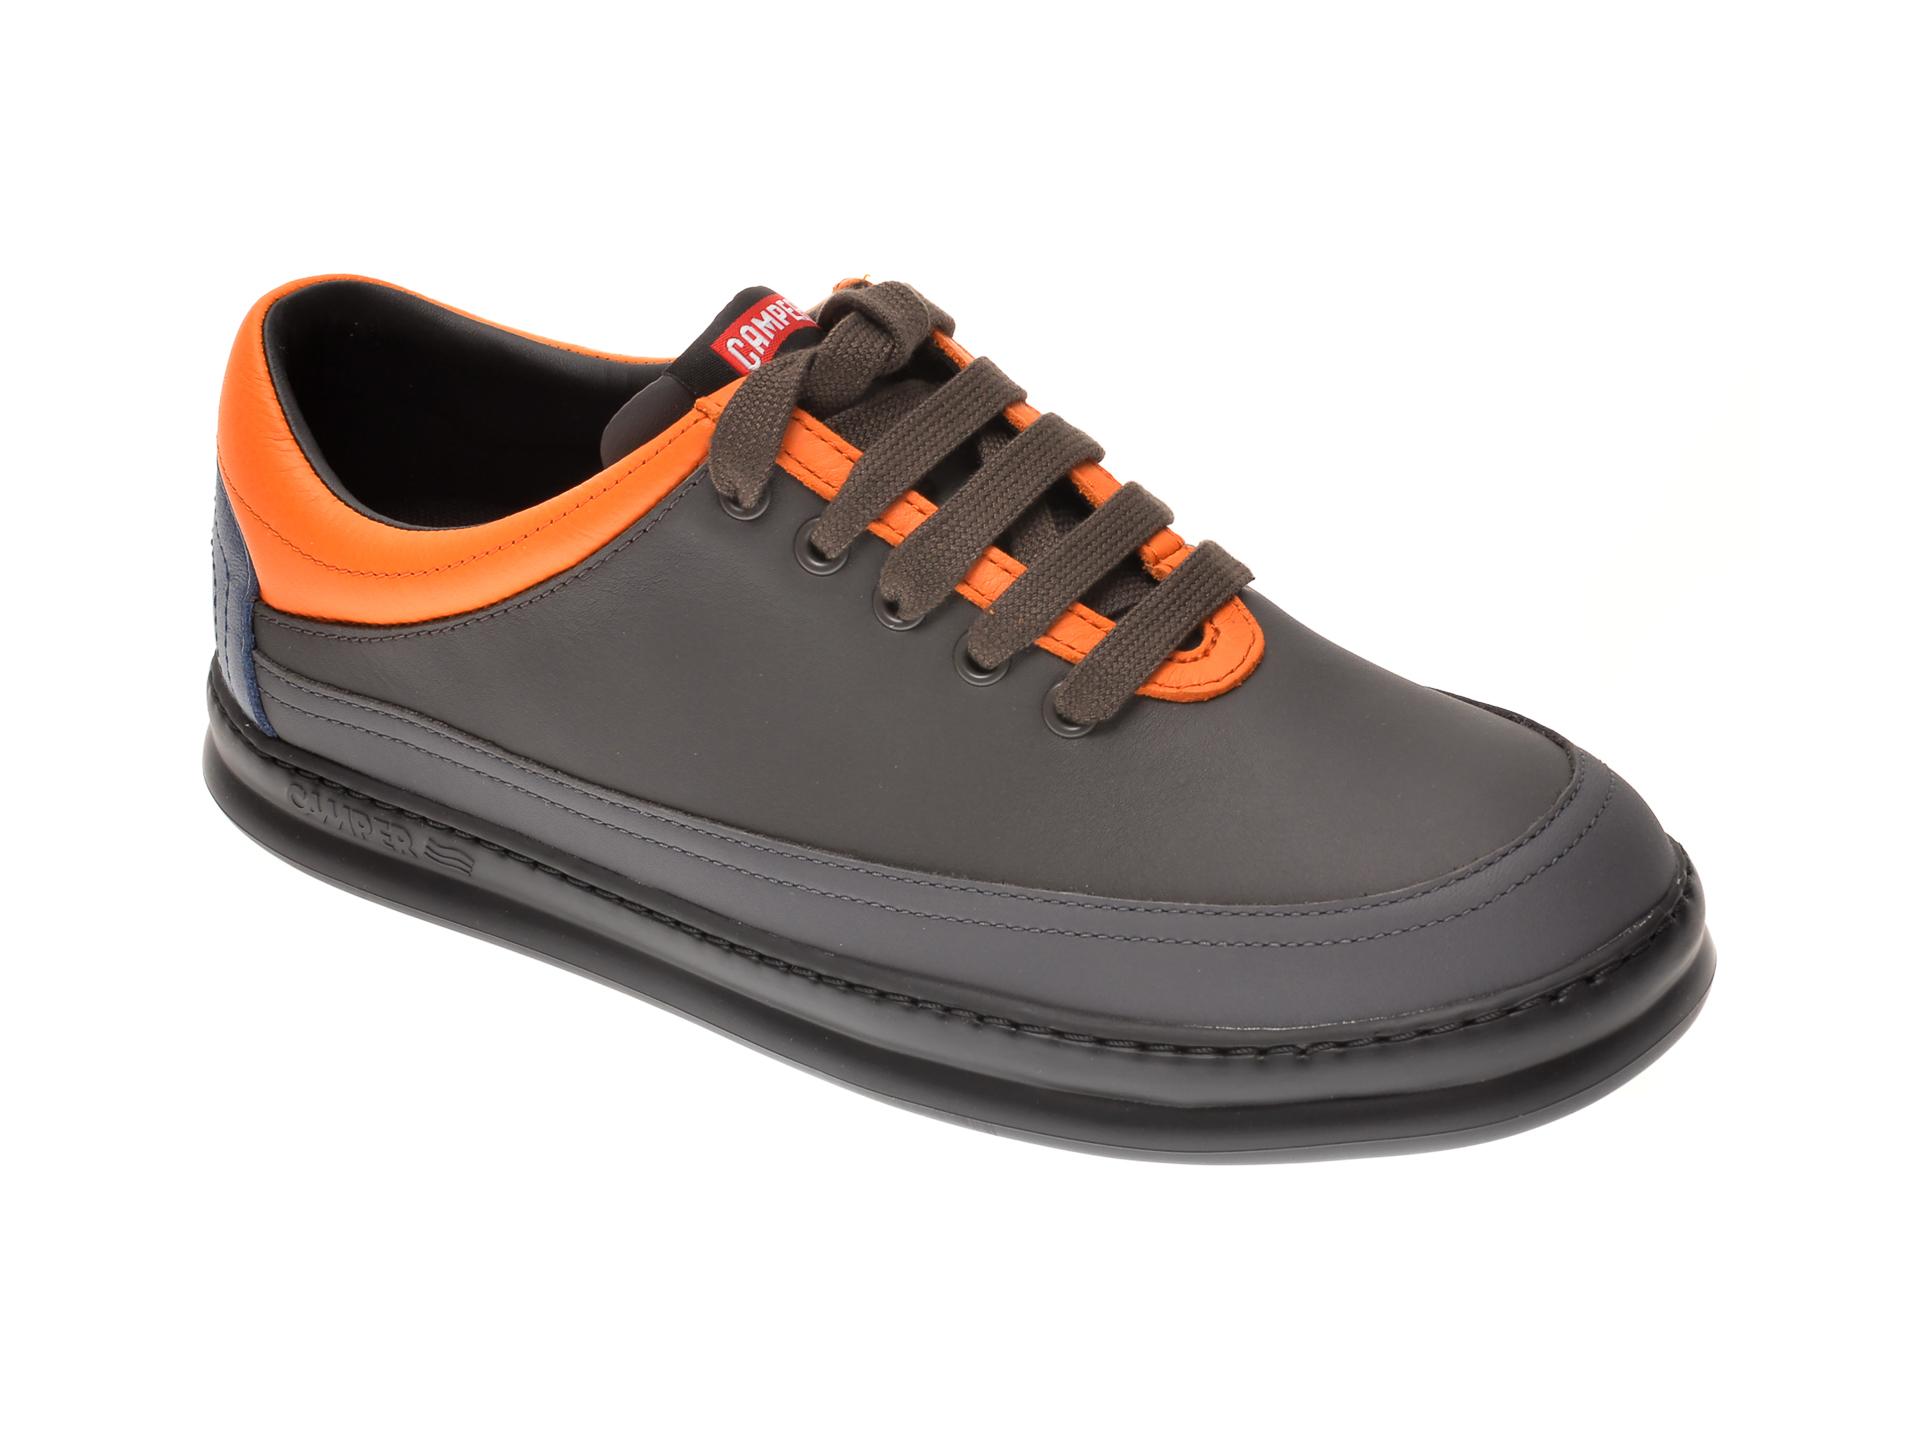 Pantofi Camper Gri, K100631, Din Piele Naturala